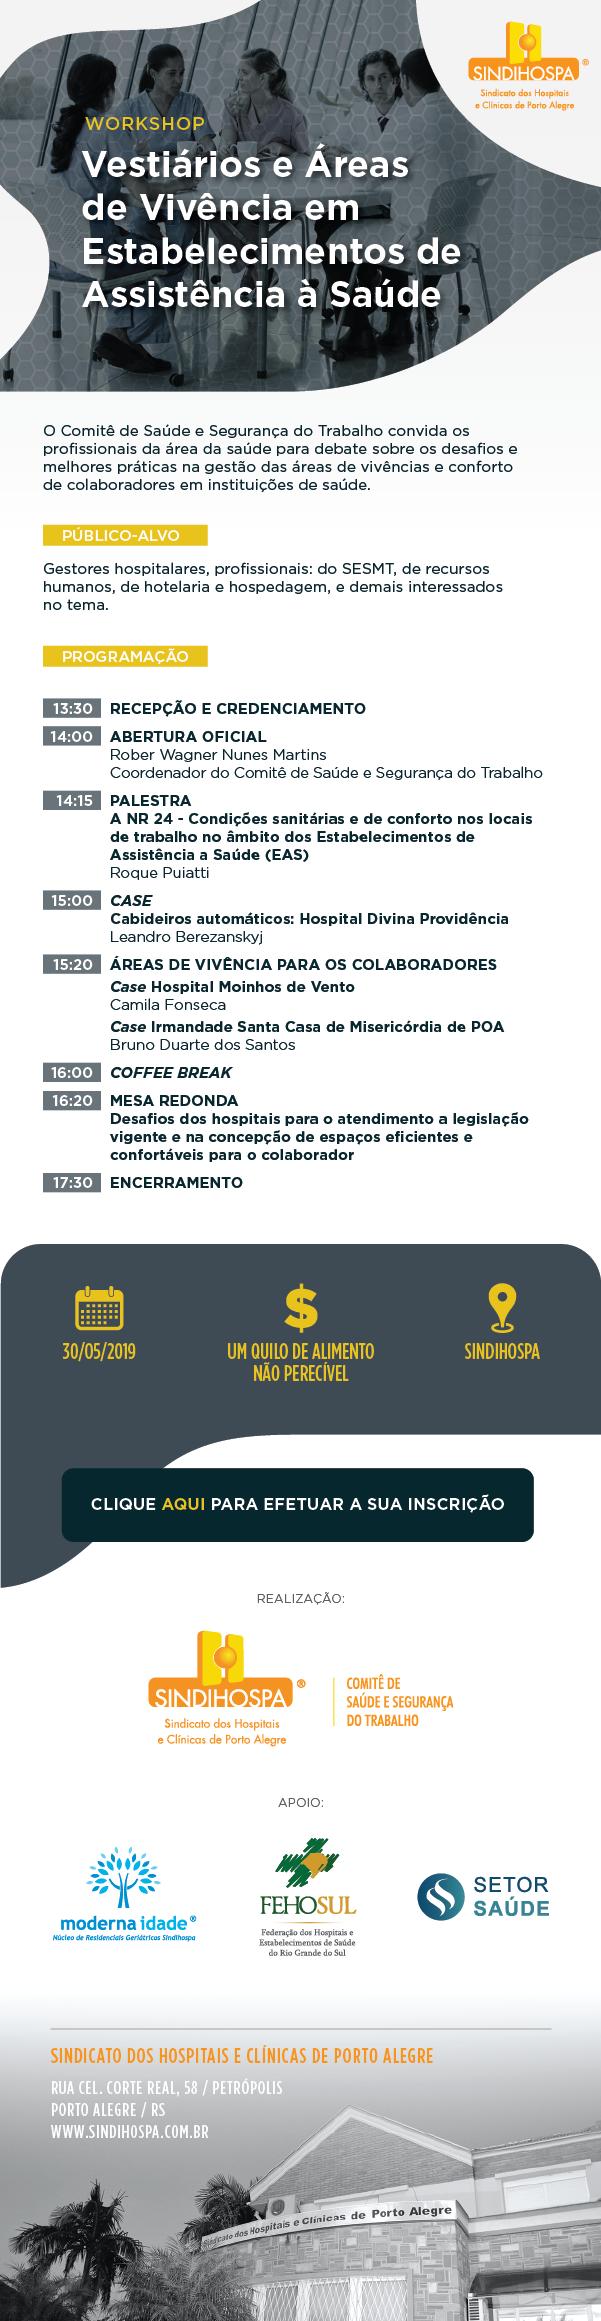 convite_workshop-vestiarios-e-areas-de-vivencia_sindihospa_0419